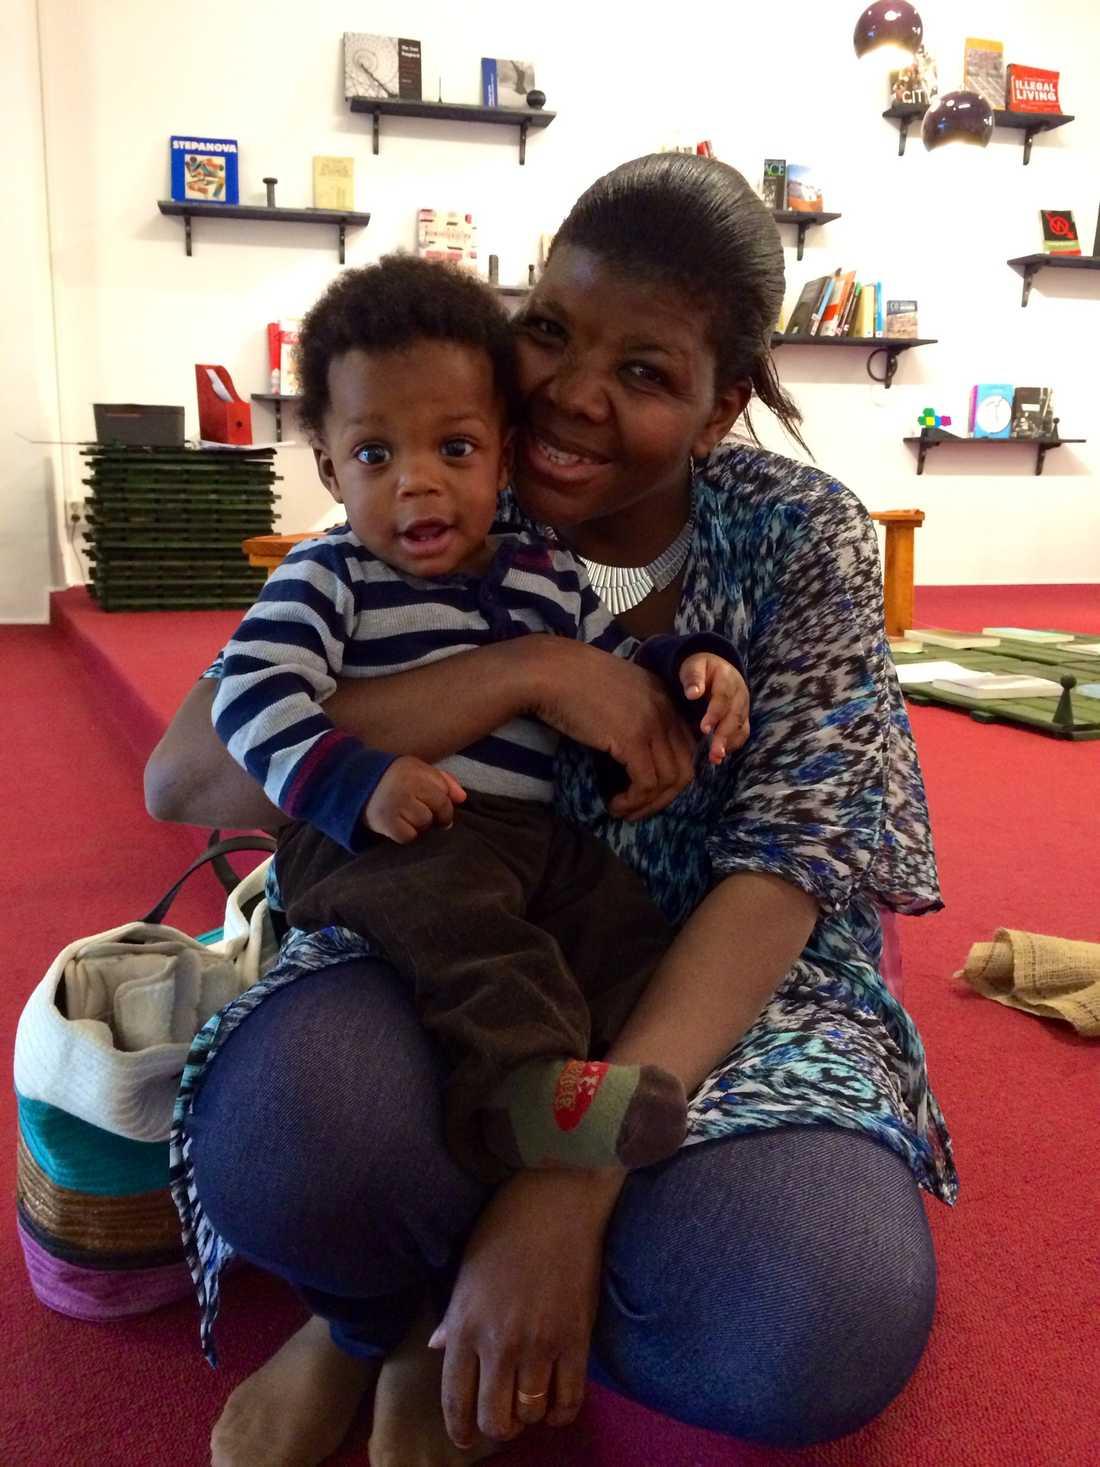 Mamma Gladys Nabatte har under våren deltagit i föräldragrupperna i Tensta konsthall tillsammans med sonen Stephen, 10 månader. I höst kommer hon att åka till Sollentuna istället för att träffa nya föräldrar och kompisar till sin son.